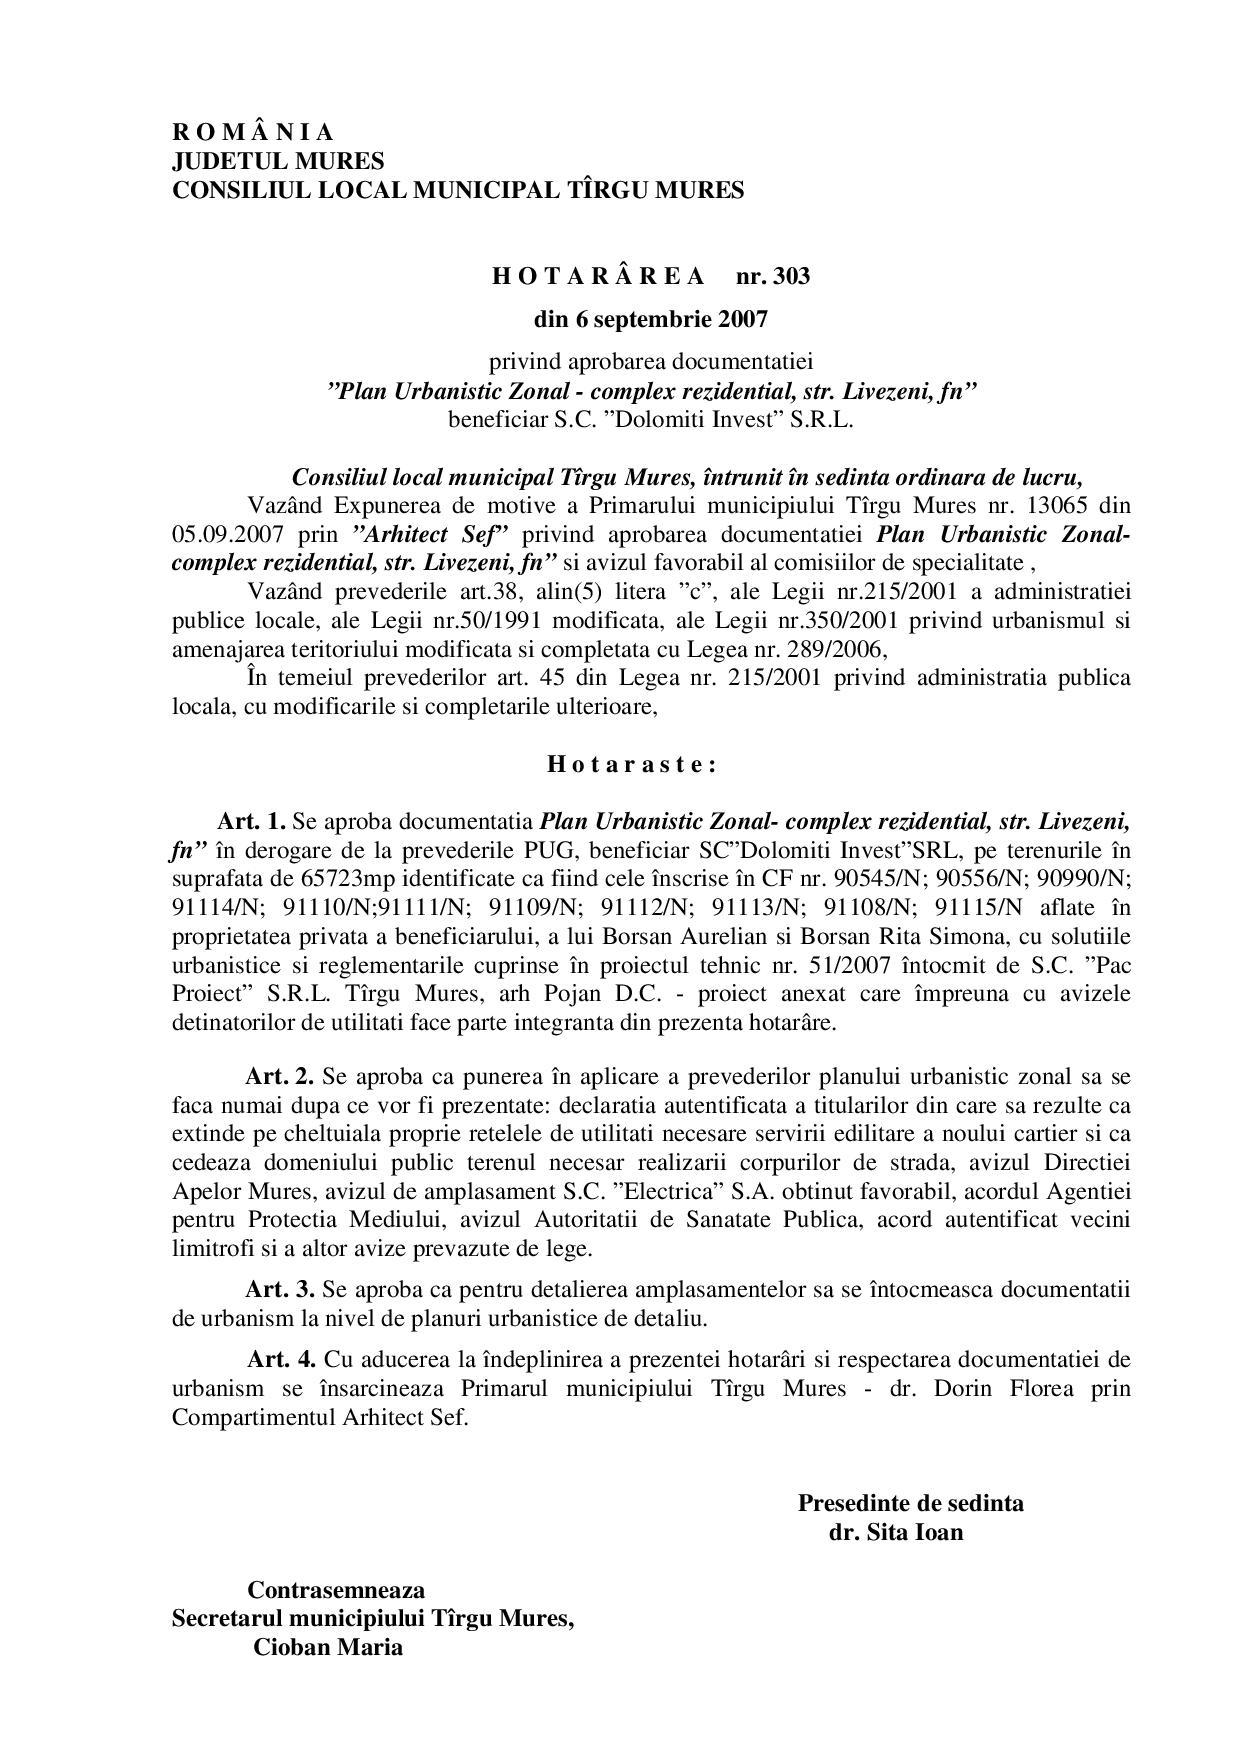 probarea PUG-ului din 2002, prin HCL nr. 303 din 6 septembrie 2007